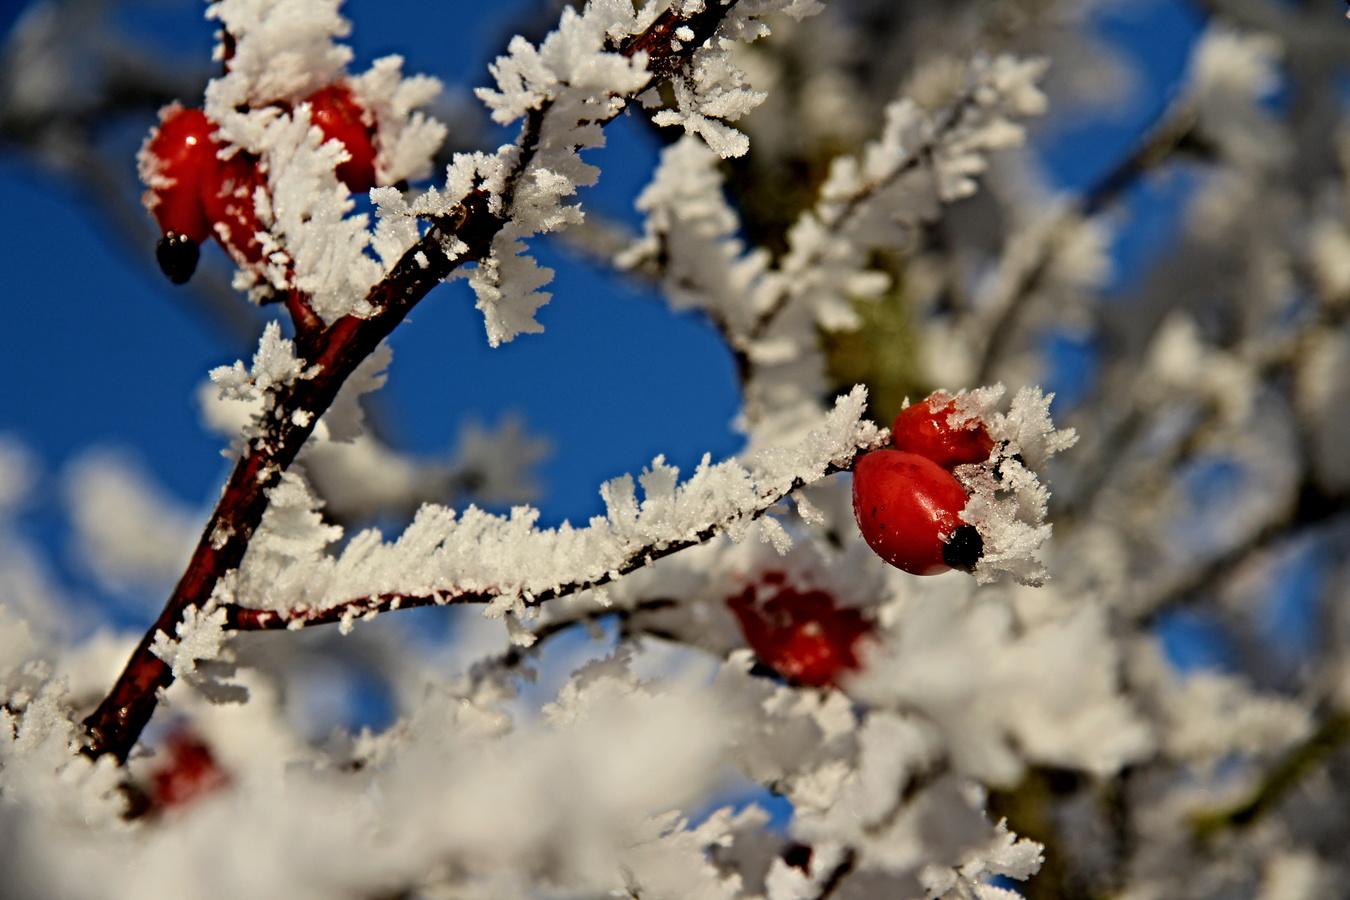 Zima čaruje IV.